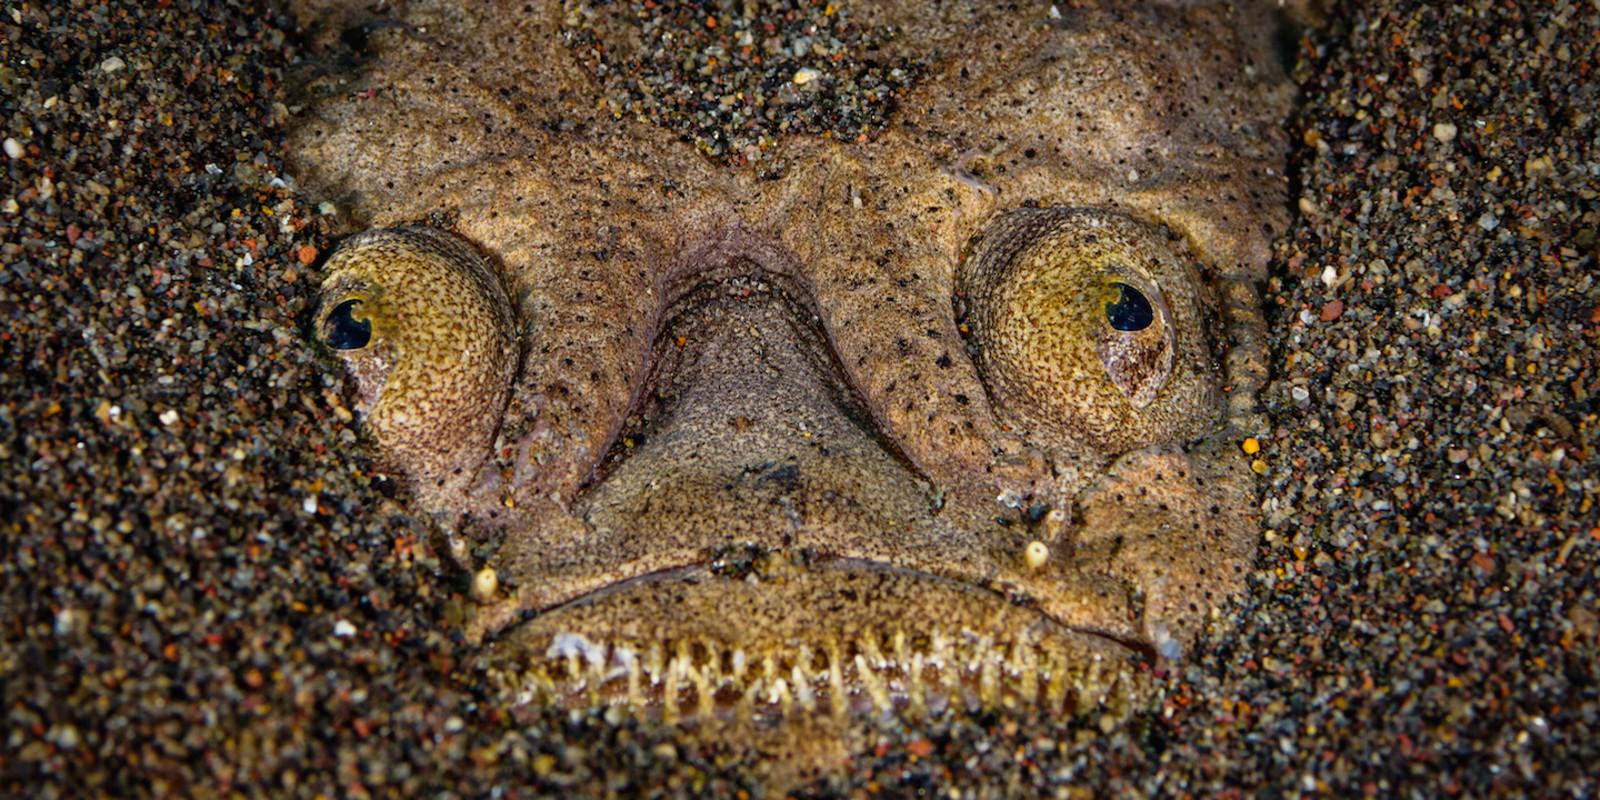 Кто проживает на дне океана? После этого поста у вас появится много вопросов к морским глубинам!